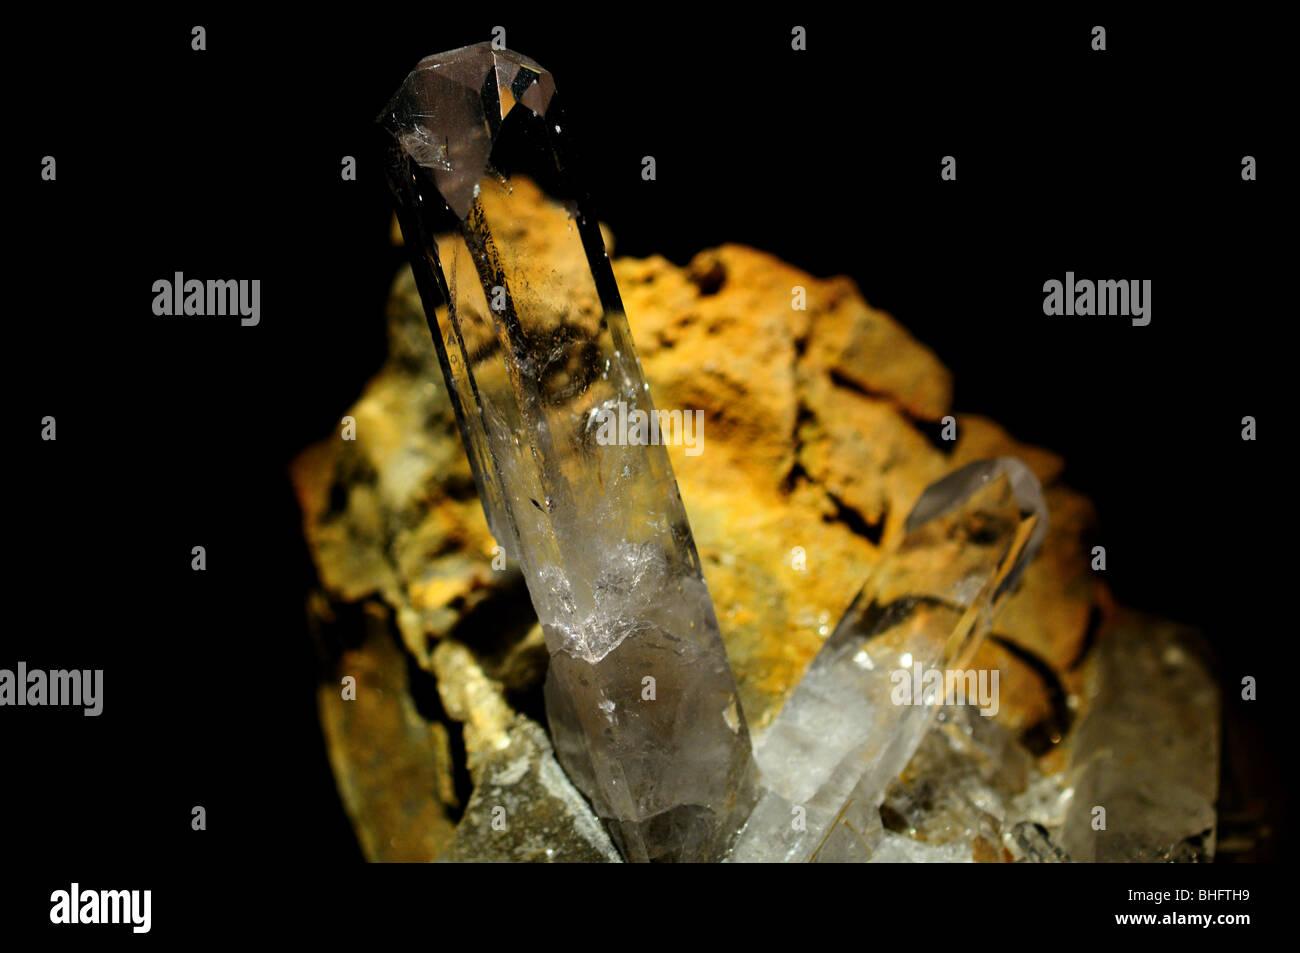 Barite, a barium sulfate mineral, BaSO4. - Stock Image